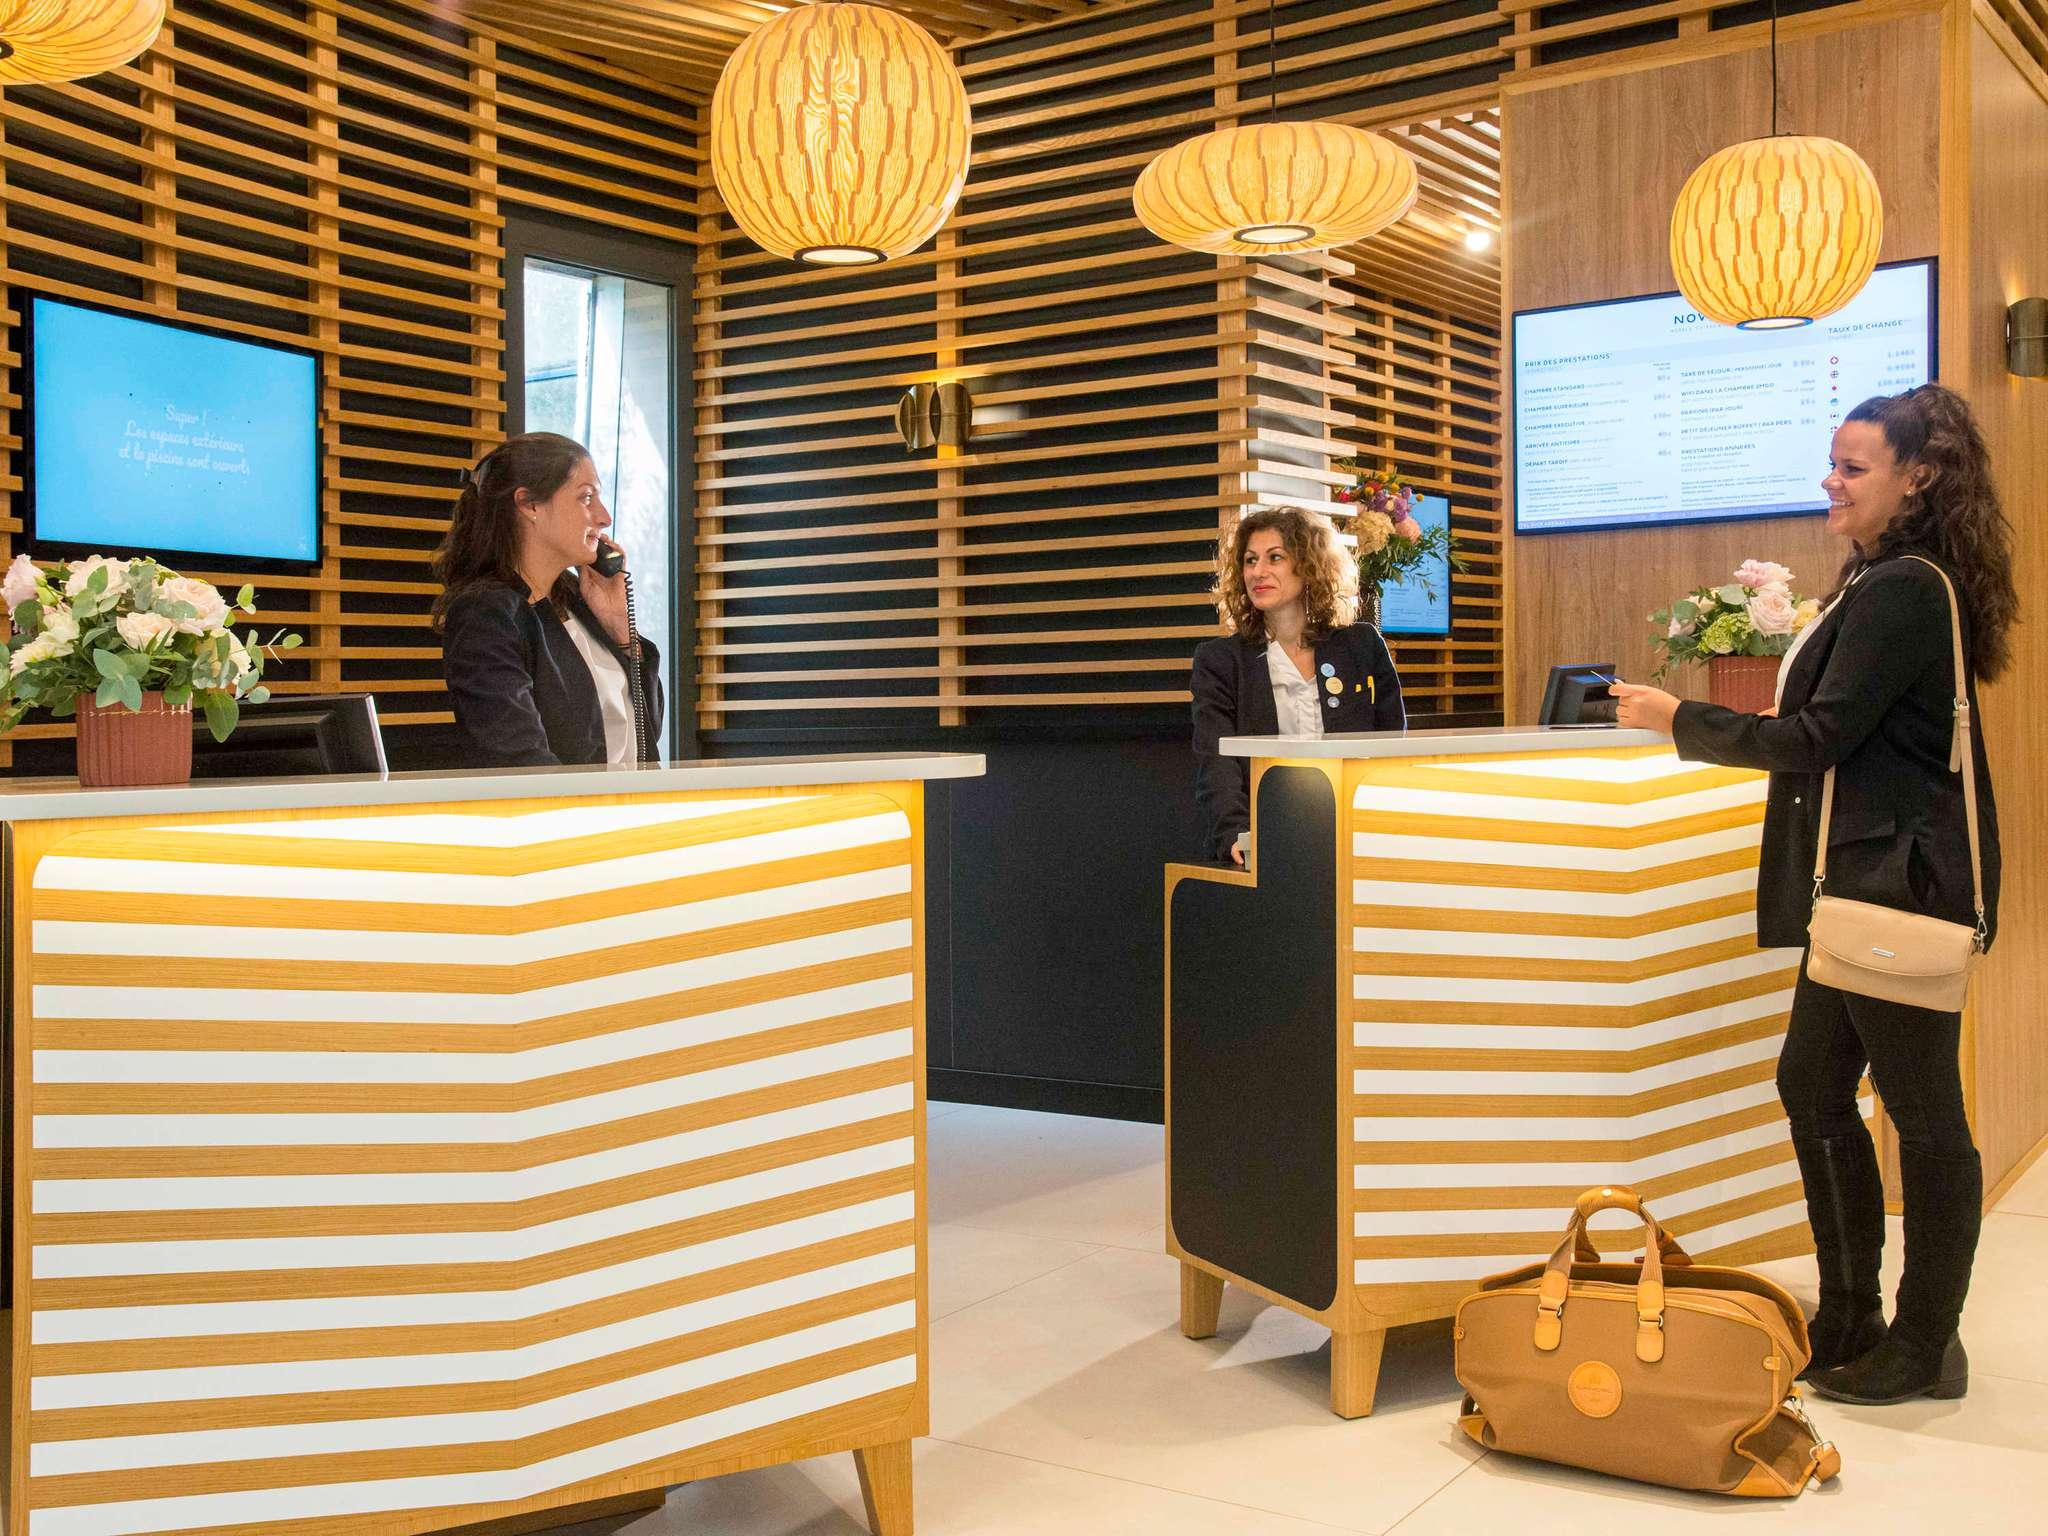 โรงแรม – Novotel Nice Arénas Aéroport